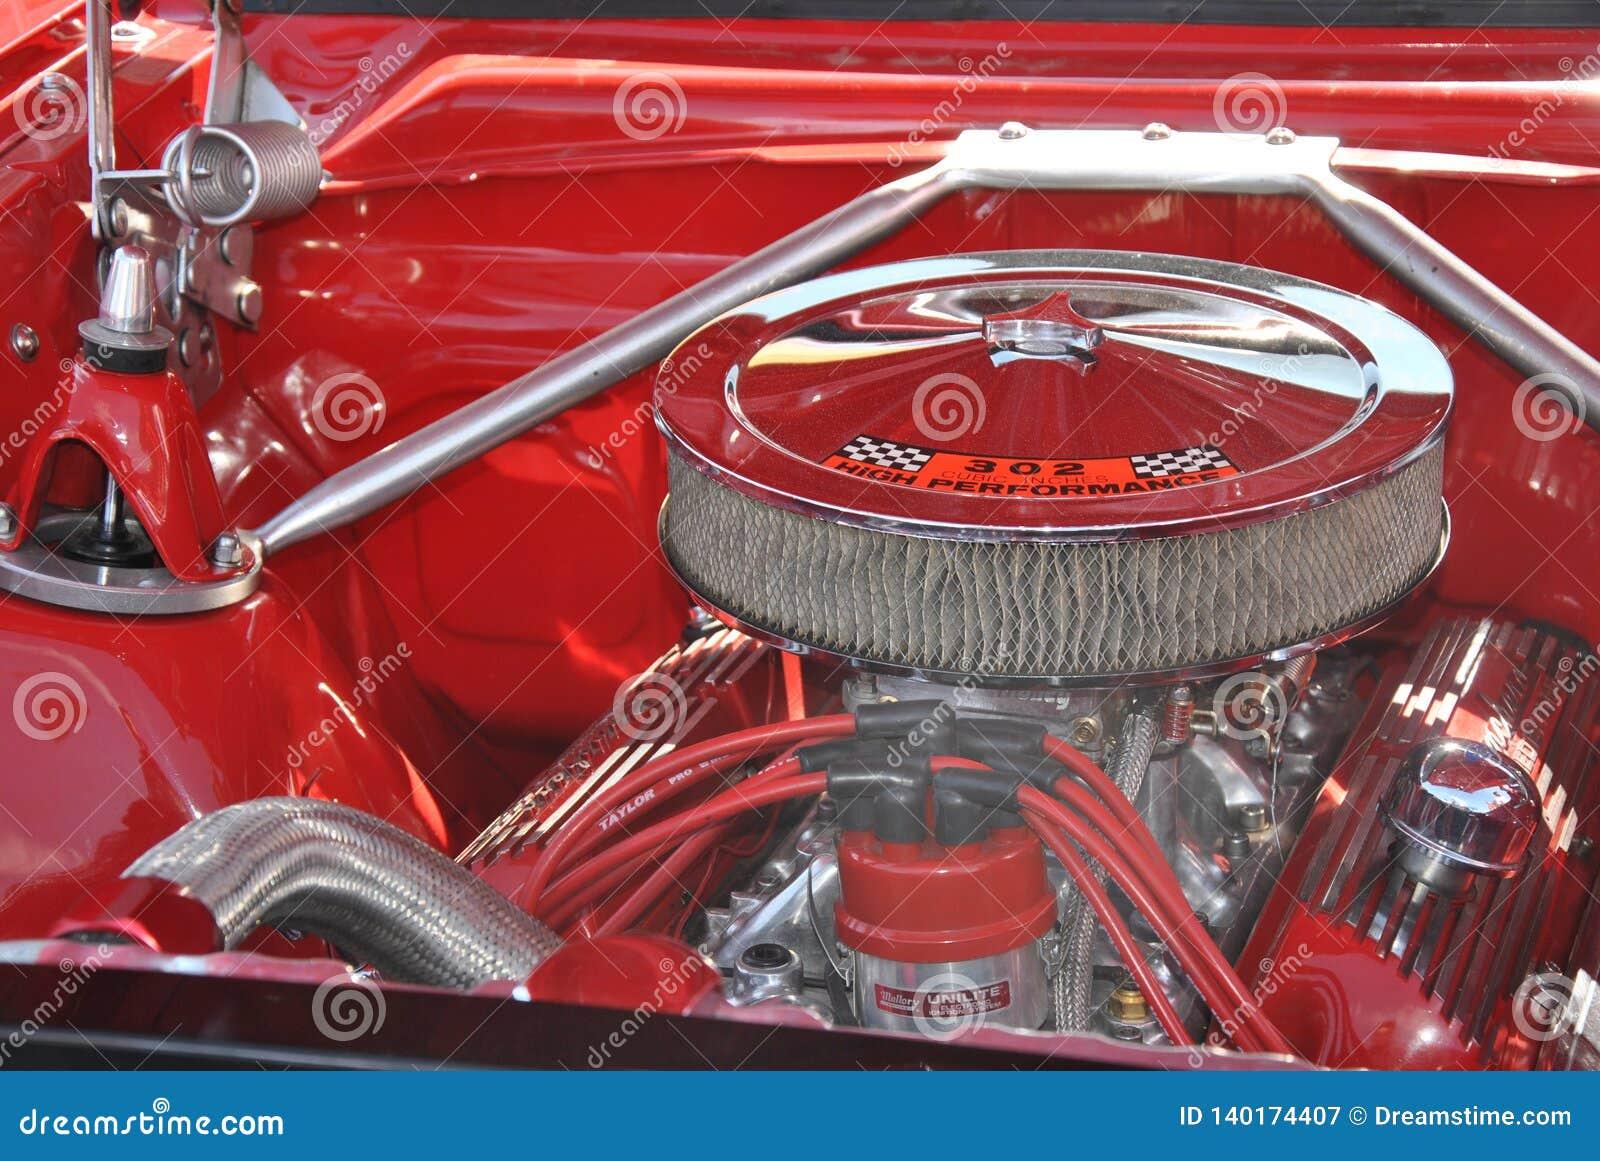 Glanzende verchroomde motor van oude rode vrachtwagen